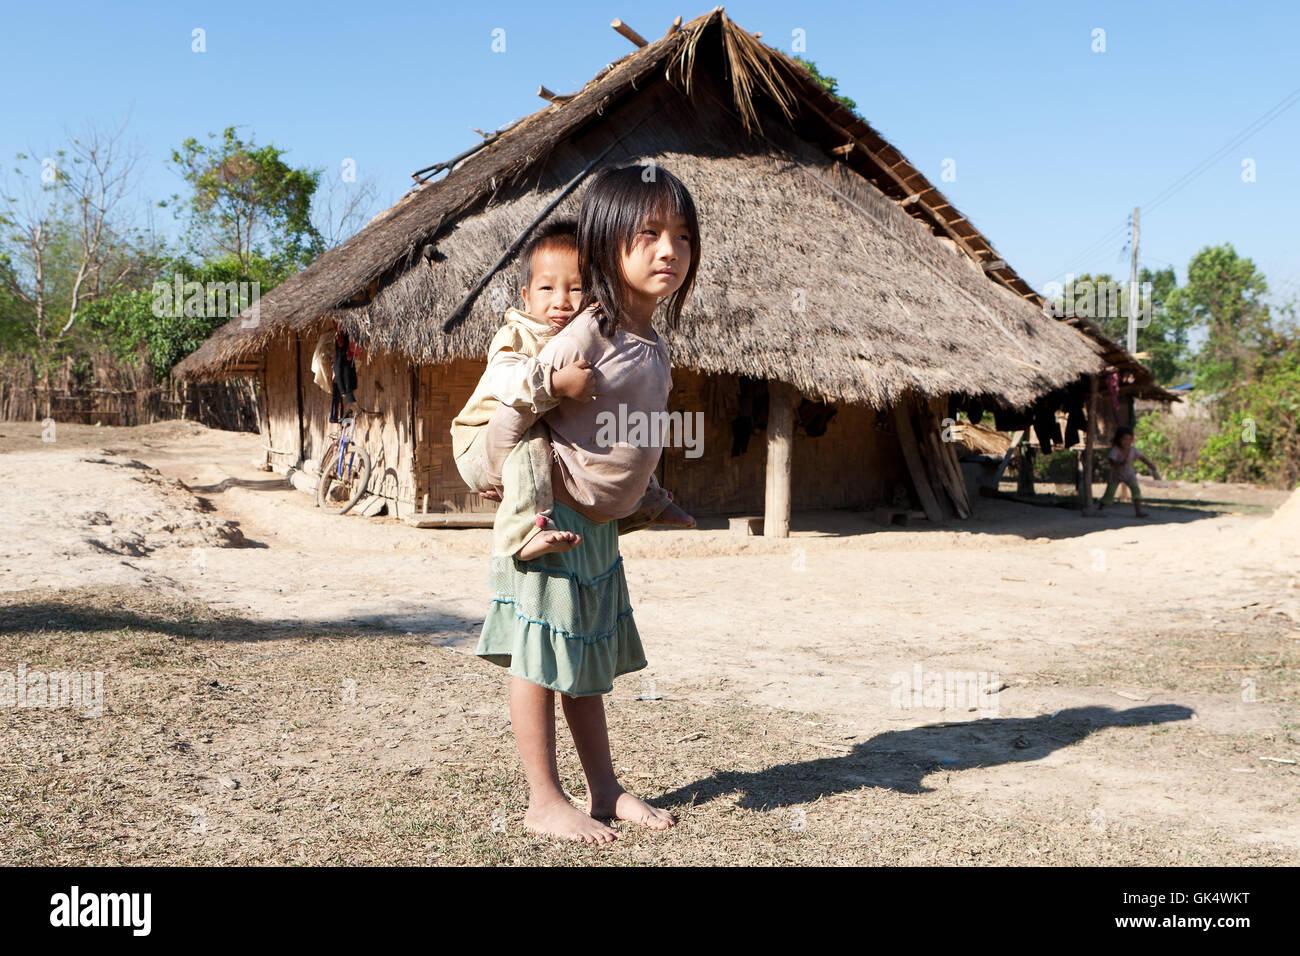 Los niños que viven en condiciones de pobreza Imagen De Stock